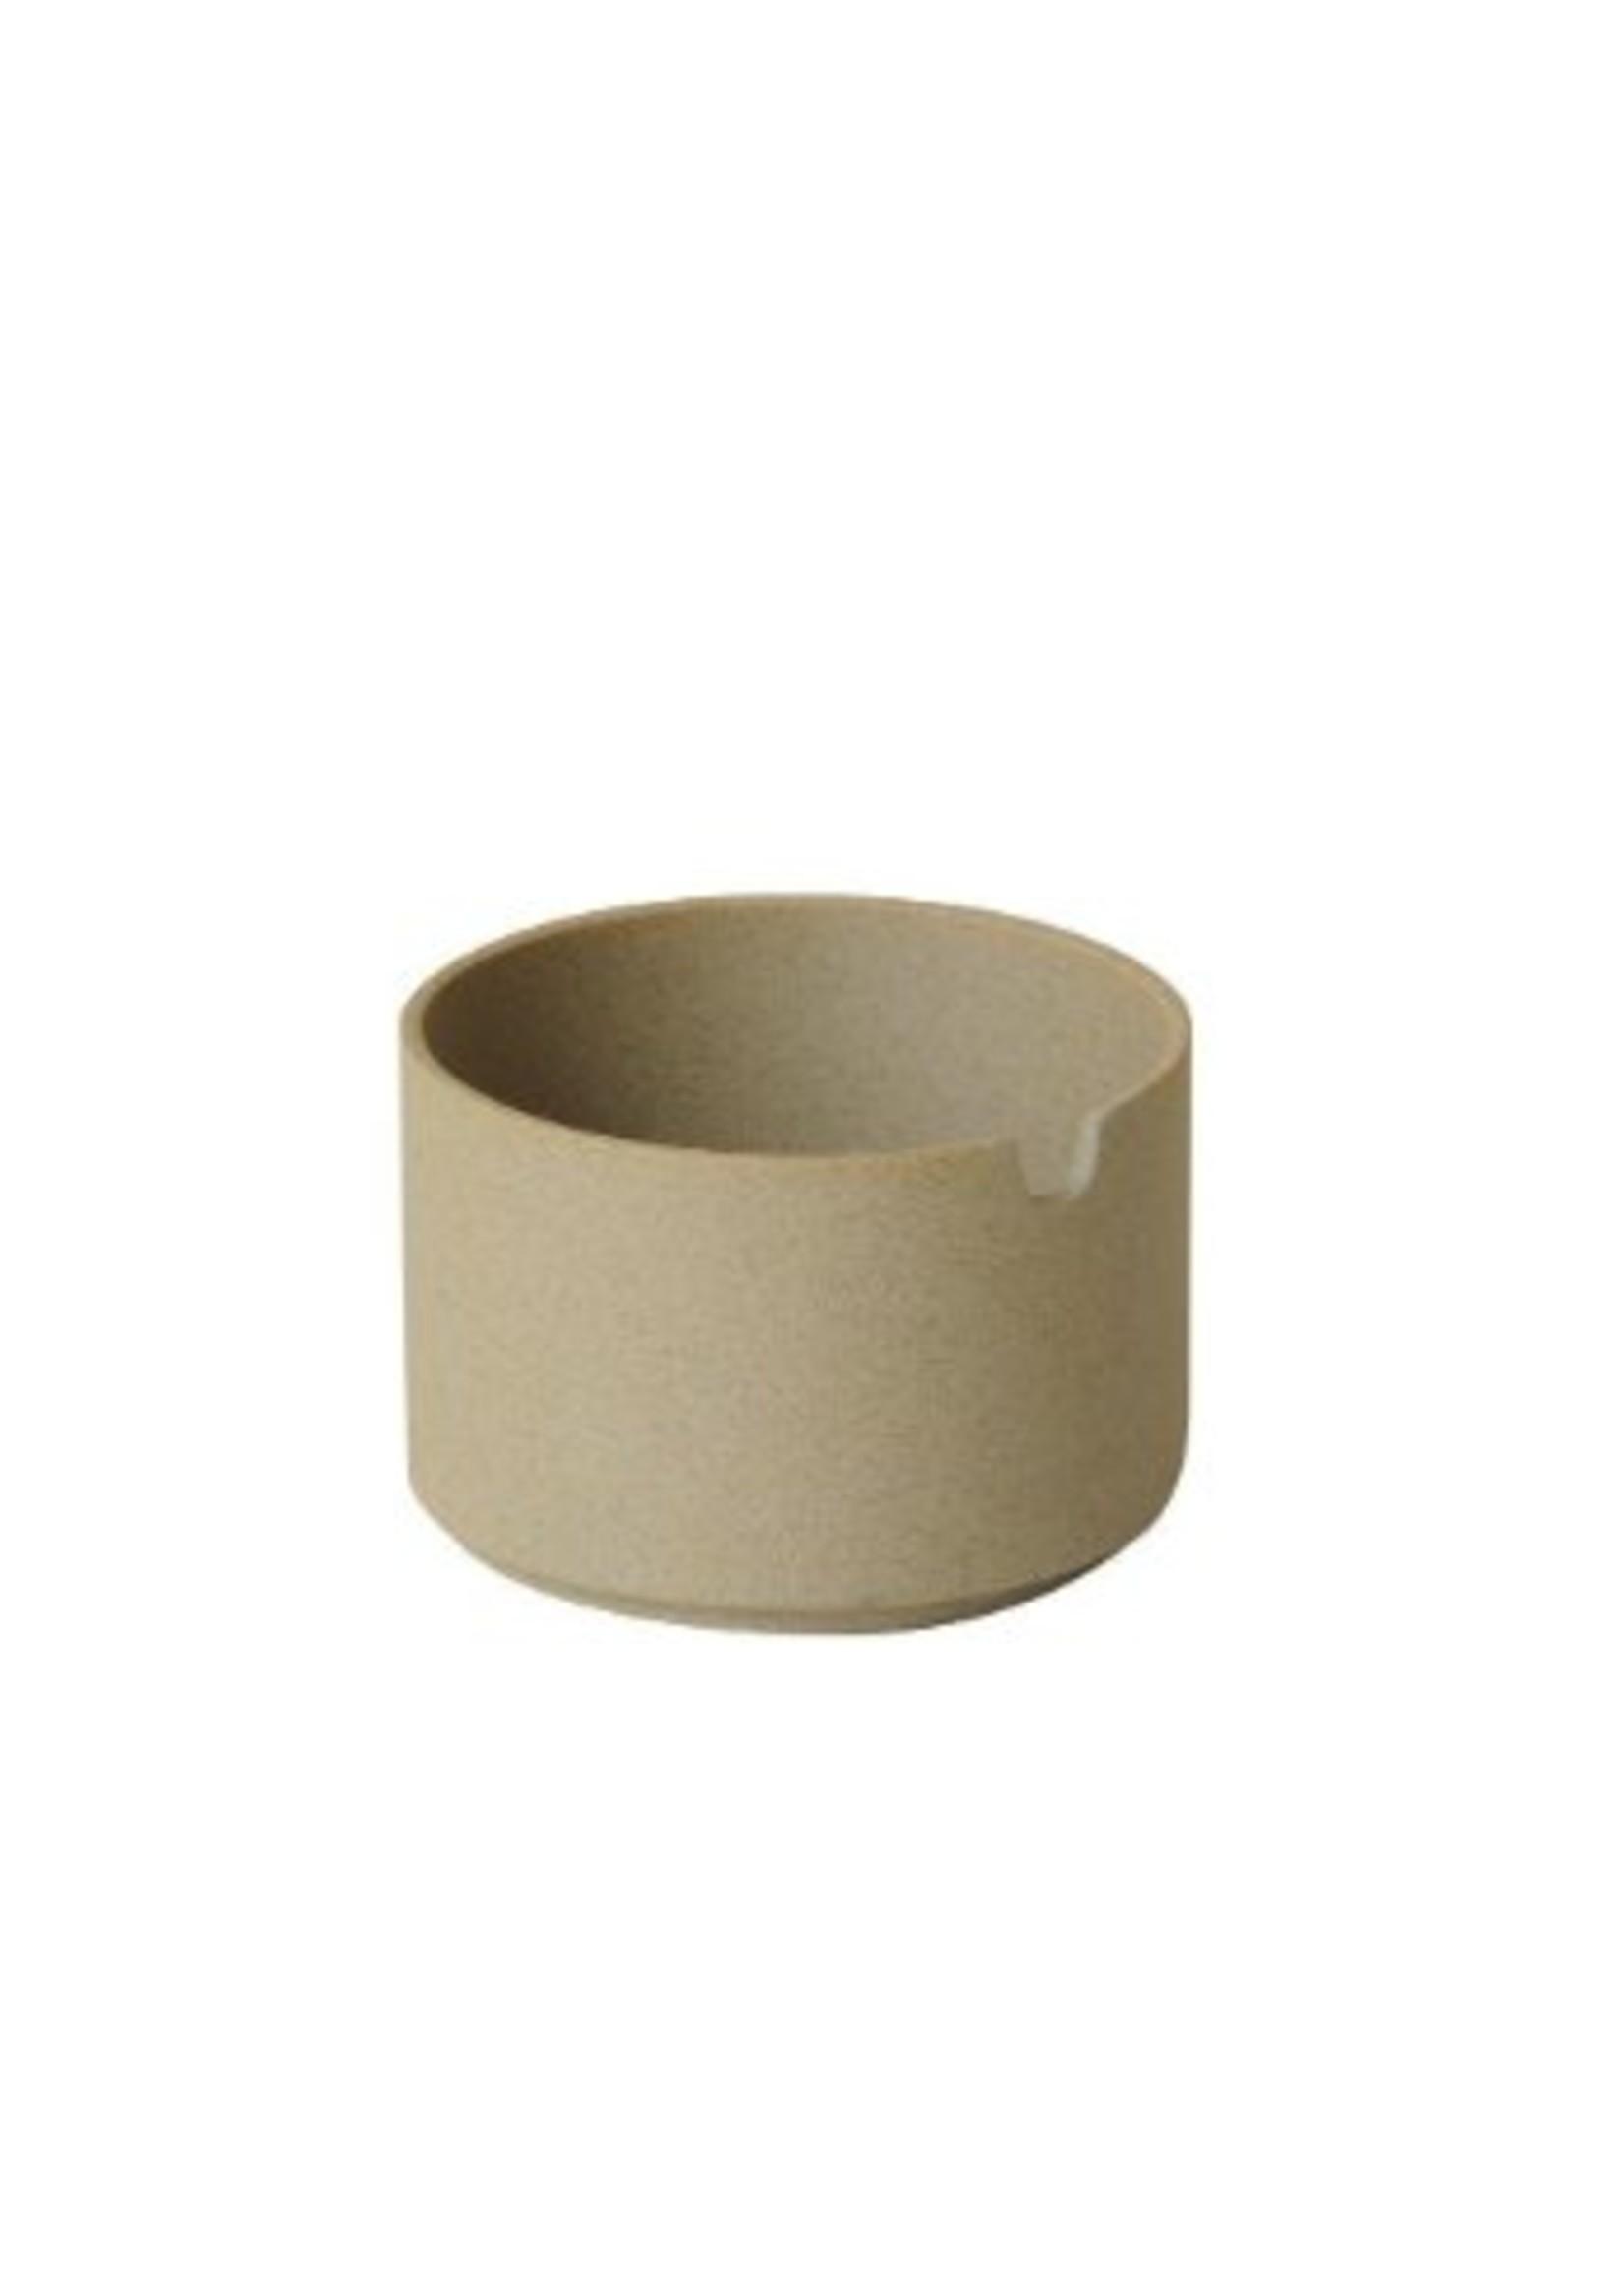 Hasami Sugar Cup - Natural HP017